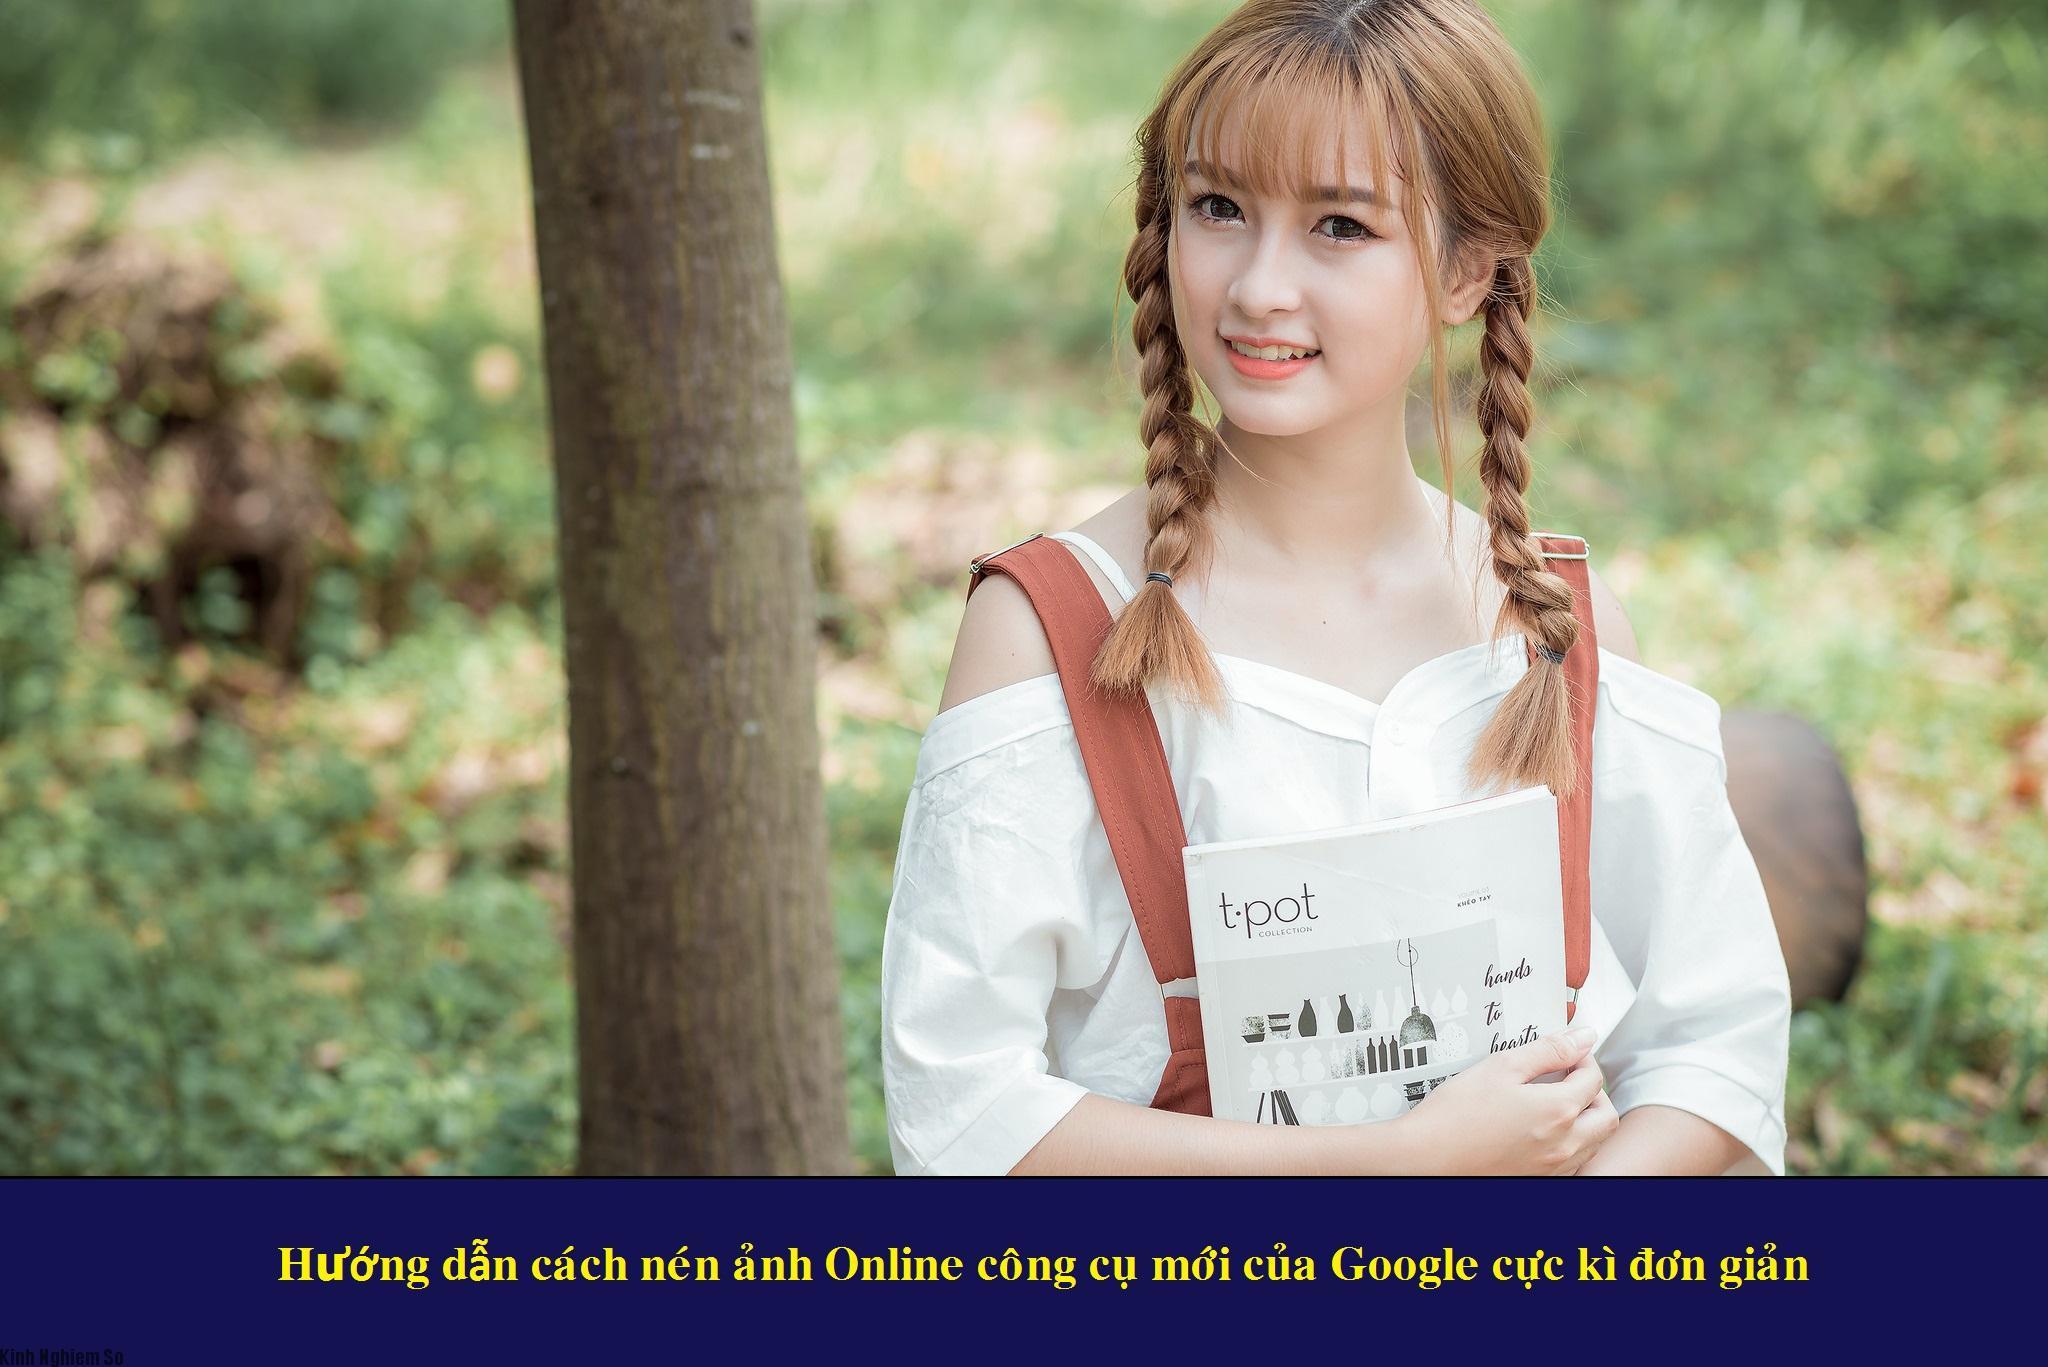 Hướng dẫn cách nén ảnh online công cụ mới của Google cực kì đơn giản ảnh 2